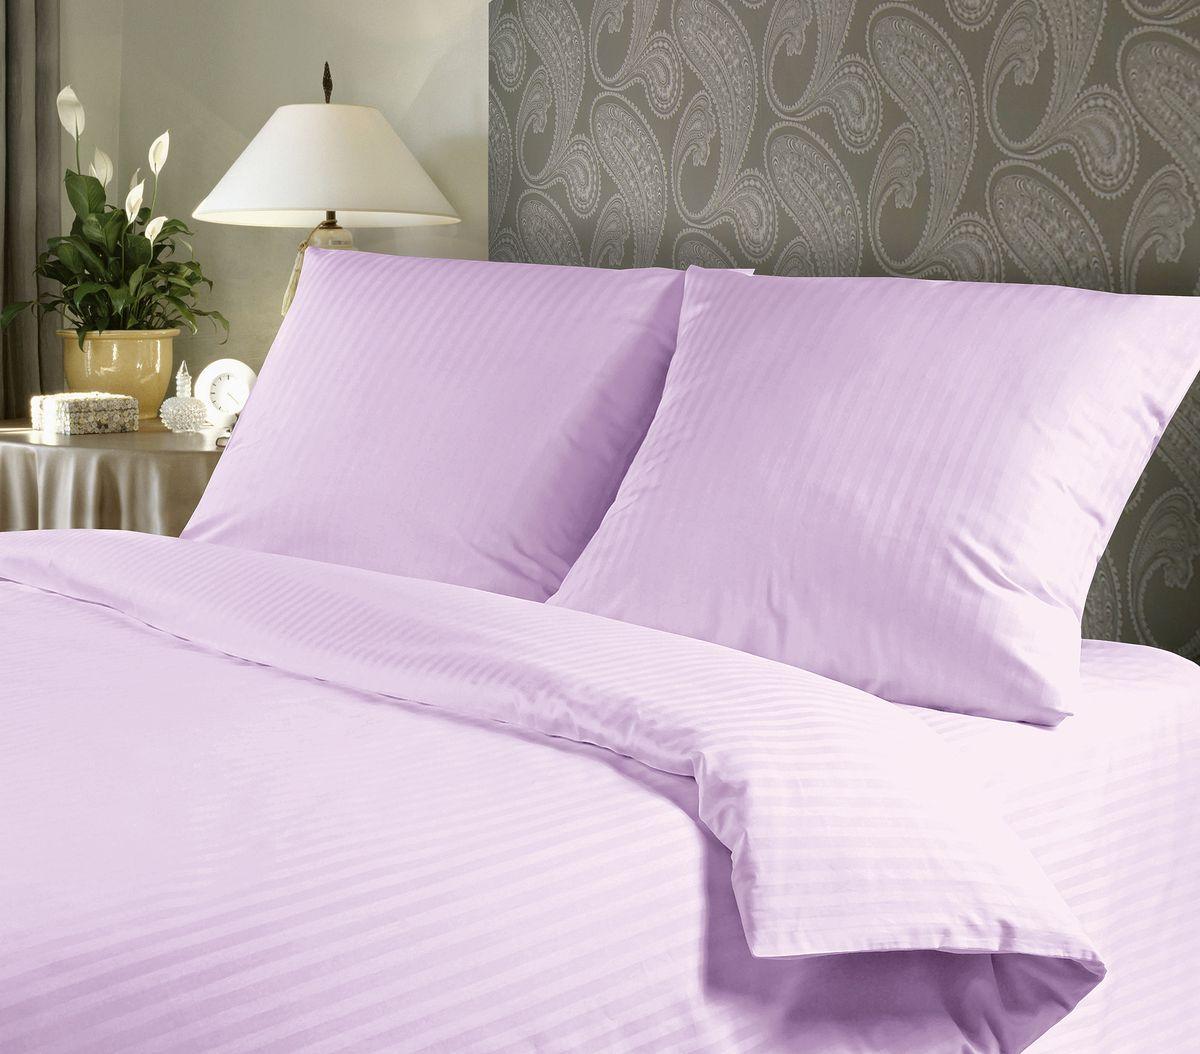 Комплект белья Verossa, 2-спальный, наволочки 70х70, цвет: сиреневый192832Сатин - настоящая роскошь для любителей понежиться в постели. Вас манит его блеск, завораживает гладкость, ласкает мягкость, и каждая минута с ним - истинное наслаждение. Тонкая пряжа и атласное переплетение нитей обеспечивают сатину мягкость и деликатность. Легкий блеск сатина делает дизайны живыми и переливающимися. 100% хлопок, не электризуется и отлично пропускает воздух, ткань дышит. Легко стирается и практически не требует глажения. Не линяет, не изменяет вид после многочисленных стирок.